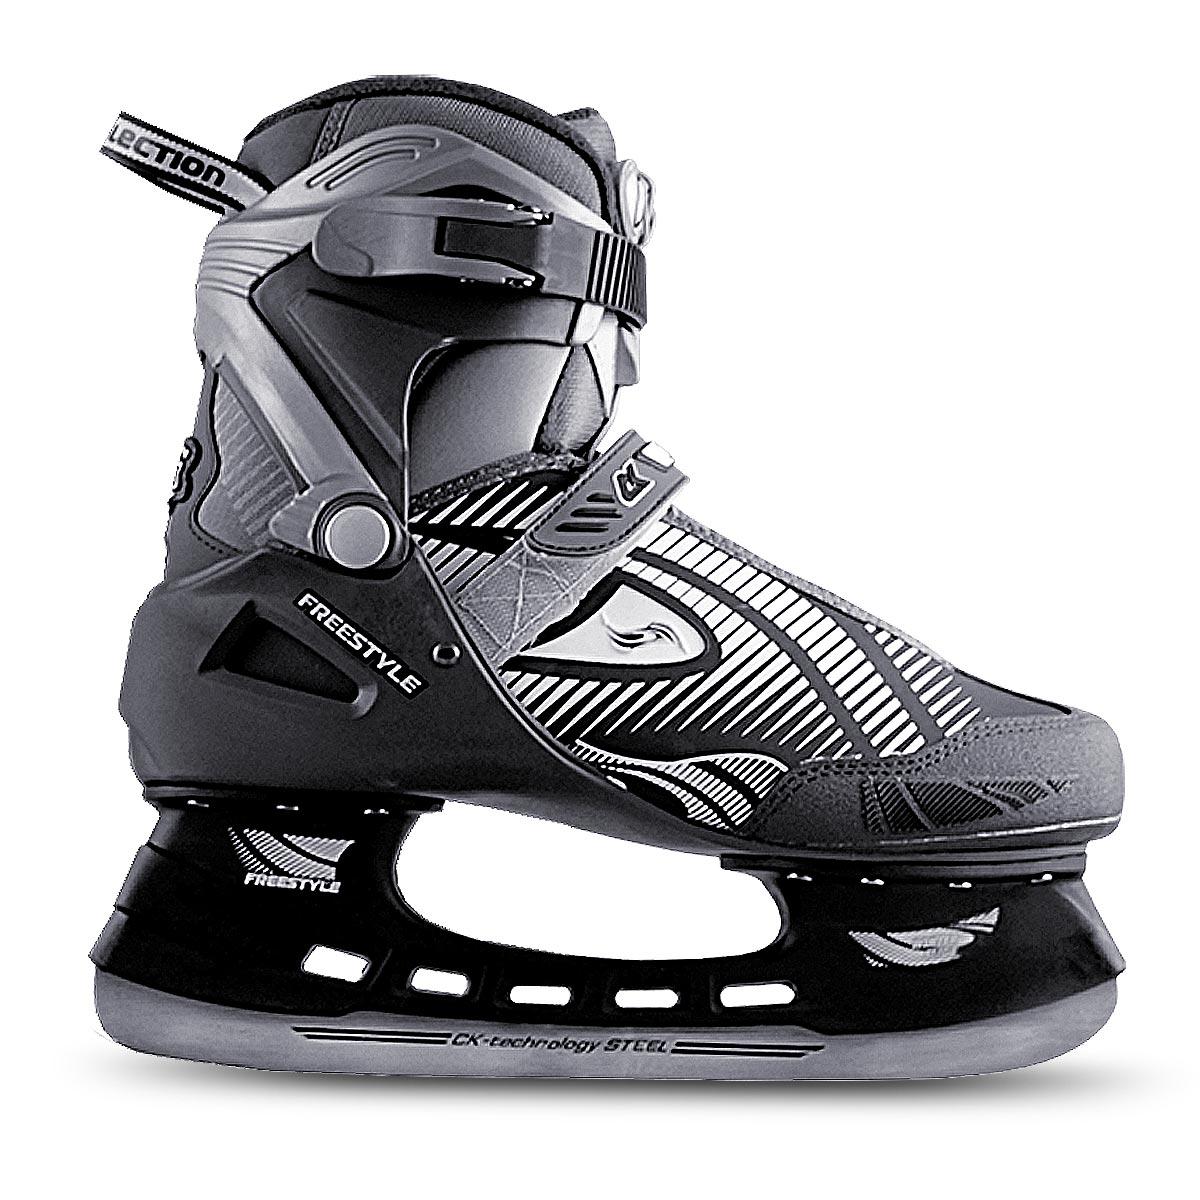 Коньки хоккейные мужские СК Freestyle, цвет: серый, черный. Размер 38